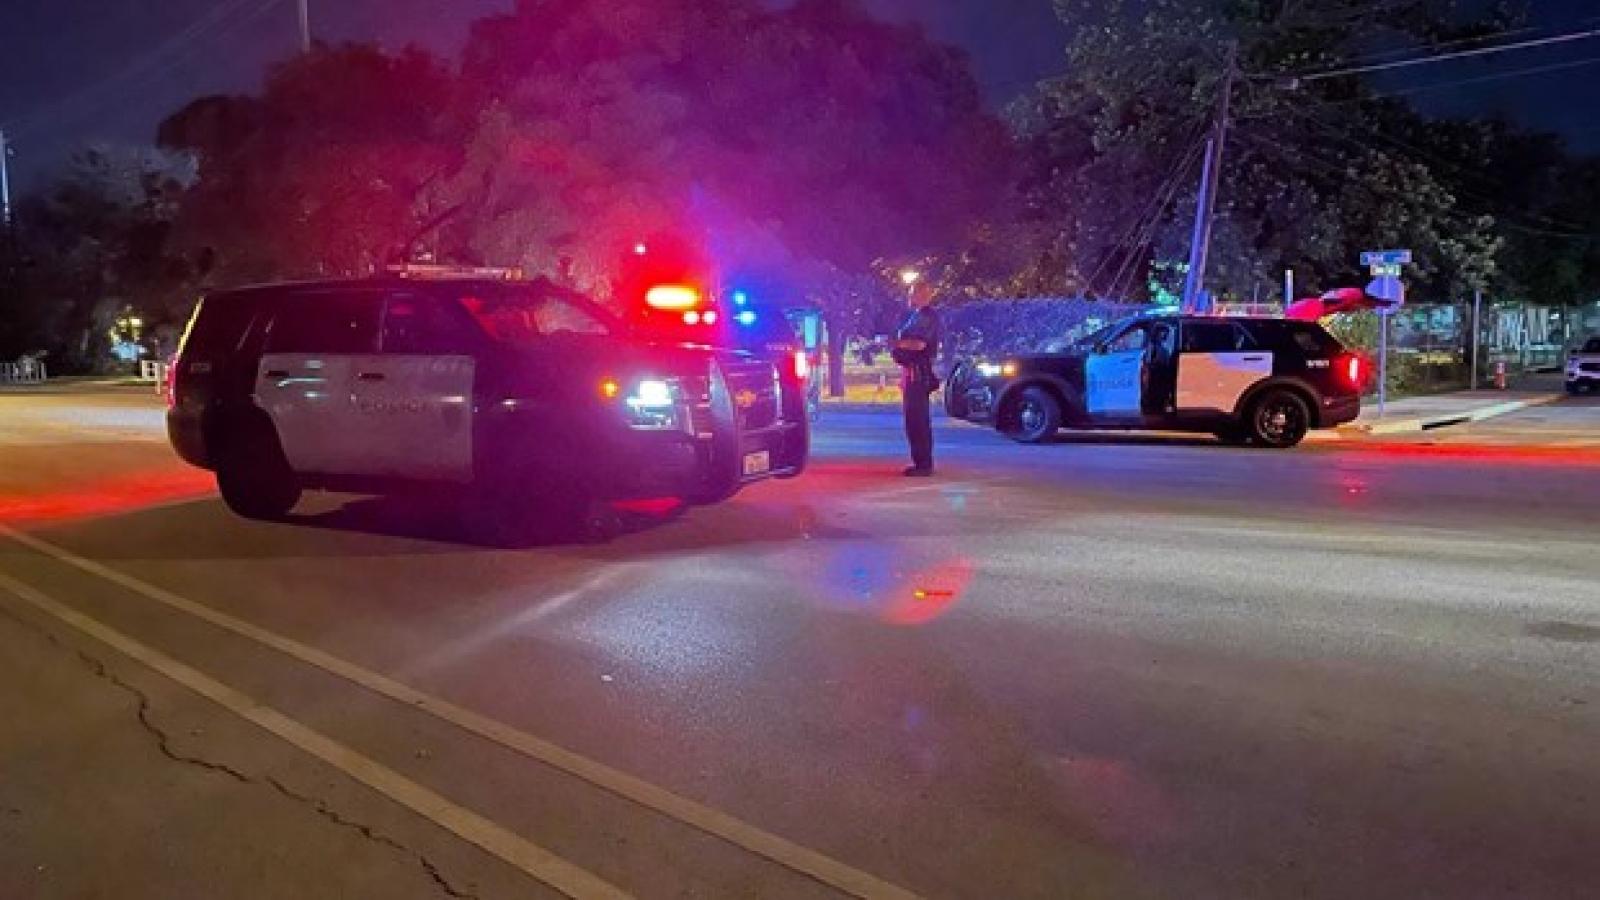 Cảnh sát Mỹtruy tìm 2 kẻ tình nghi trong vụ xả súng khiến 14 người bị thương ở bang Texas